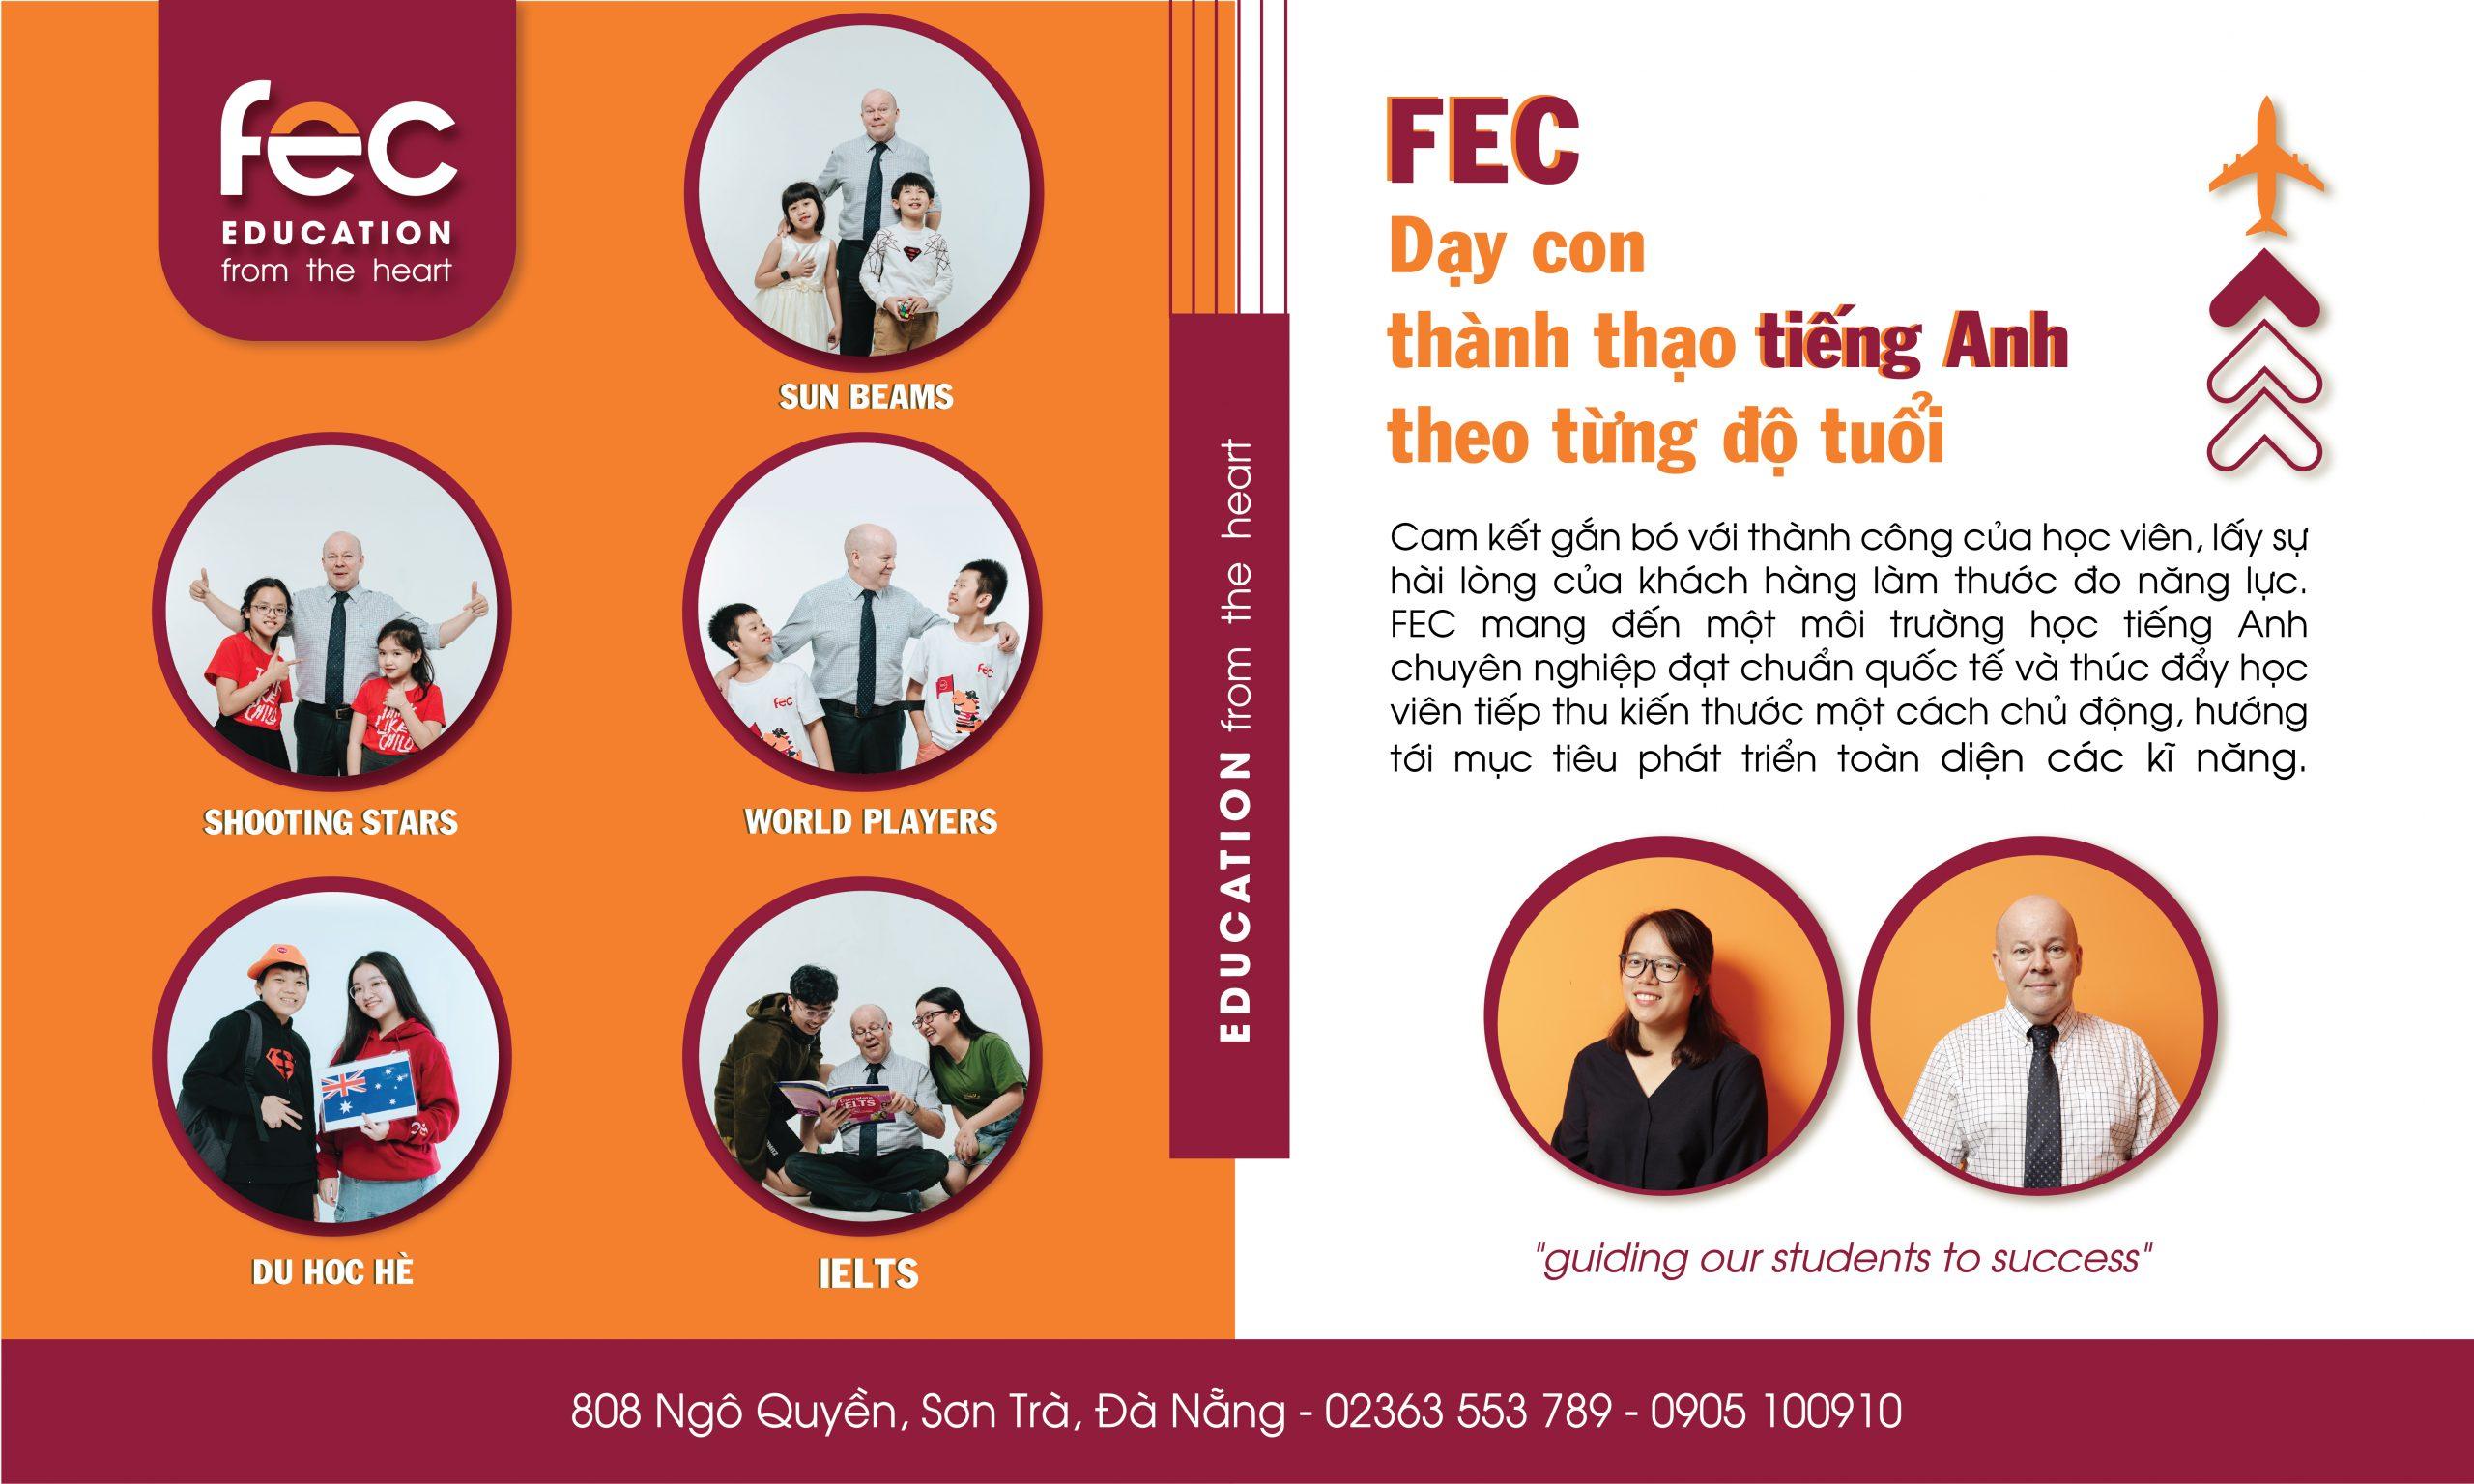 FEC luôn chú trọng chất lượng giảng dạy, luôn nỗ lực để tạo ra nhiều giá trị nhất cho học viên